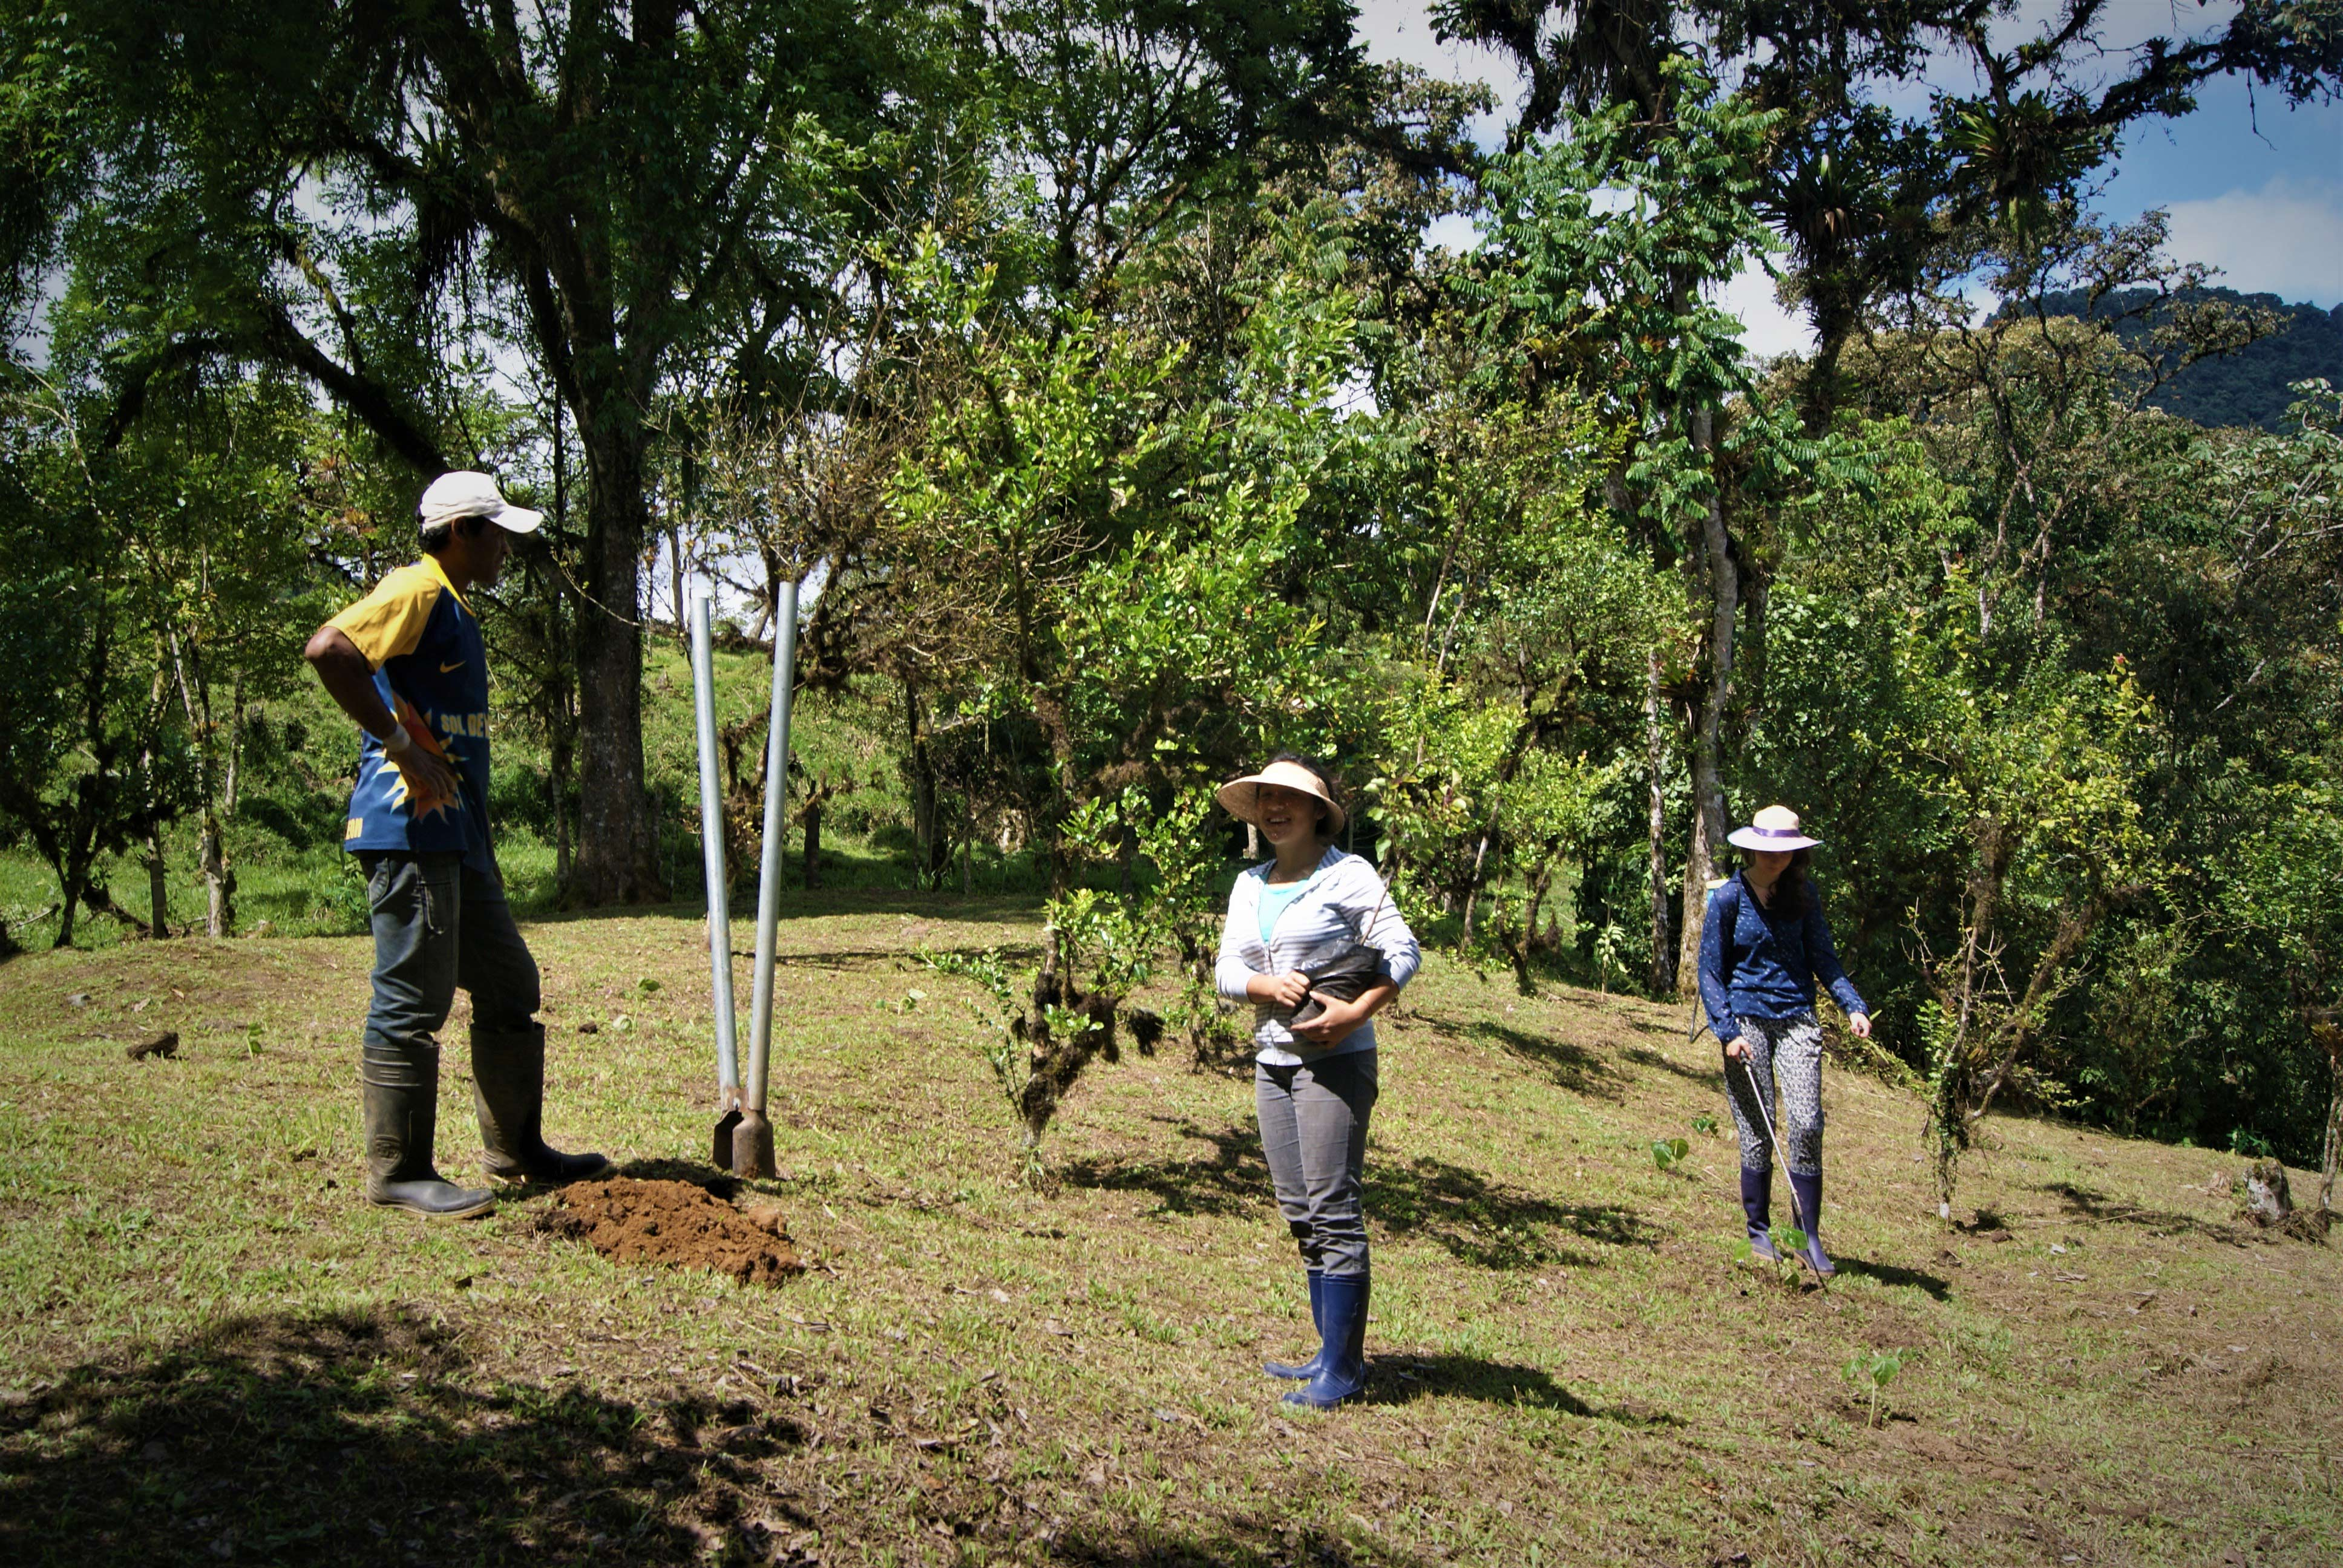 Clima e stile di vita sostenibile in Equador